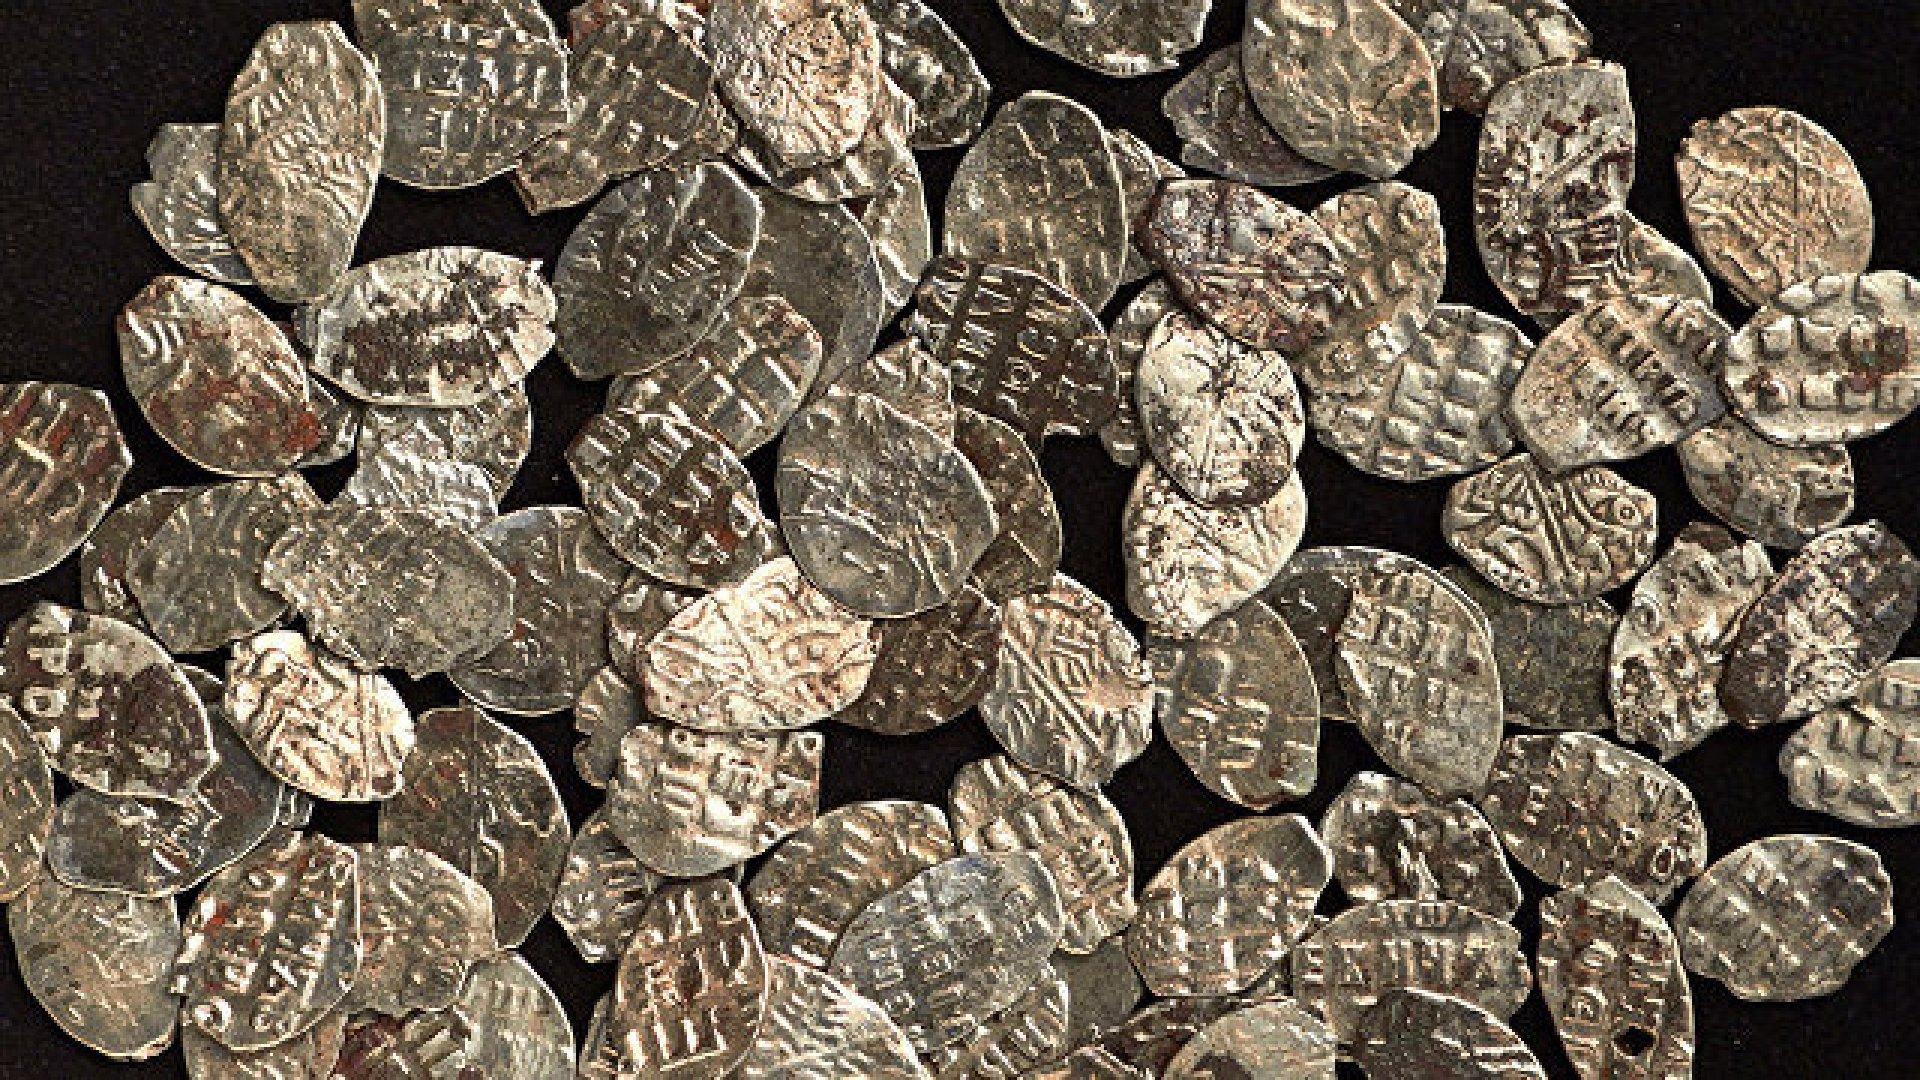 В центре москвы нашли клад с монетами петровских времен // н.